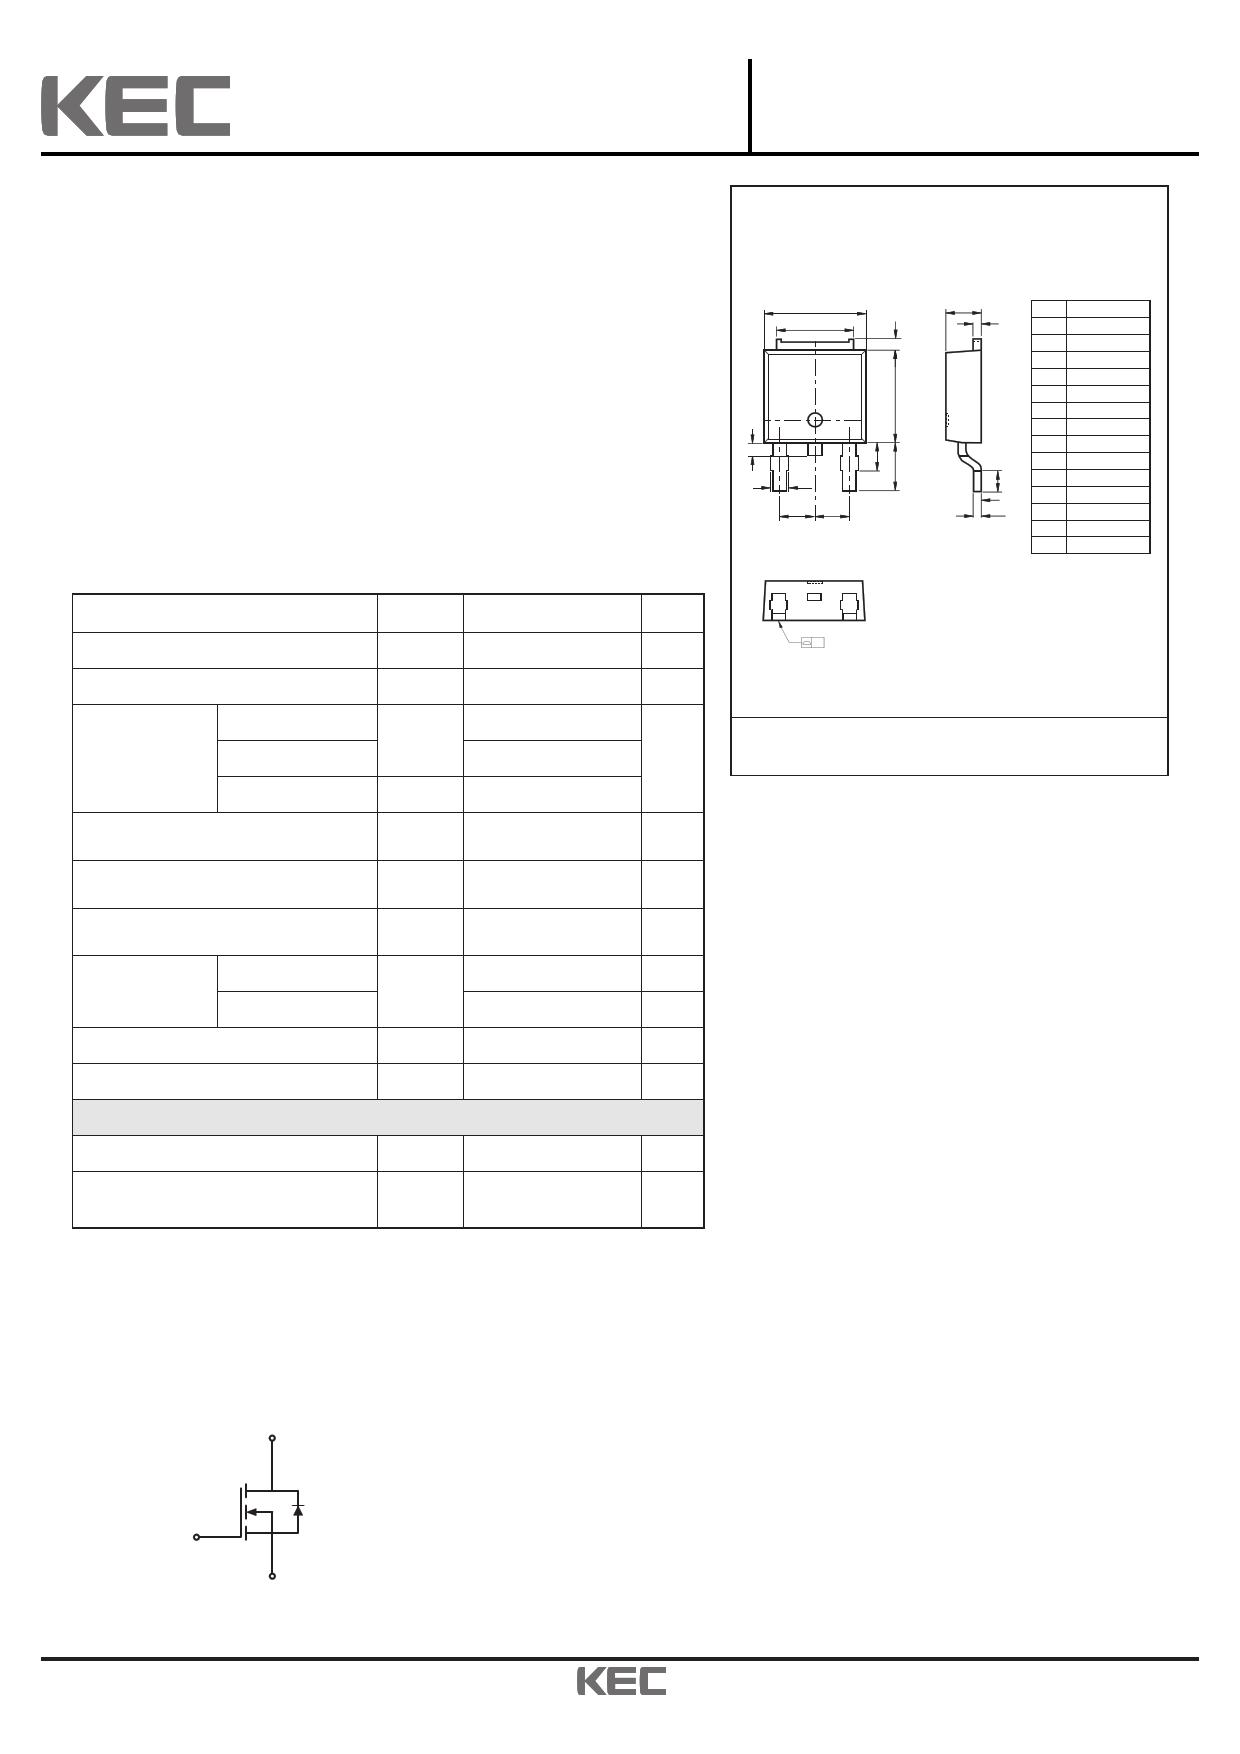 KF16N25D 데이터시트 및 KF16N25D PDF